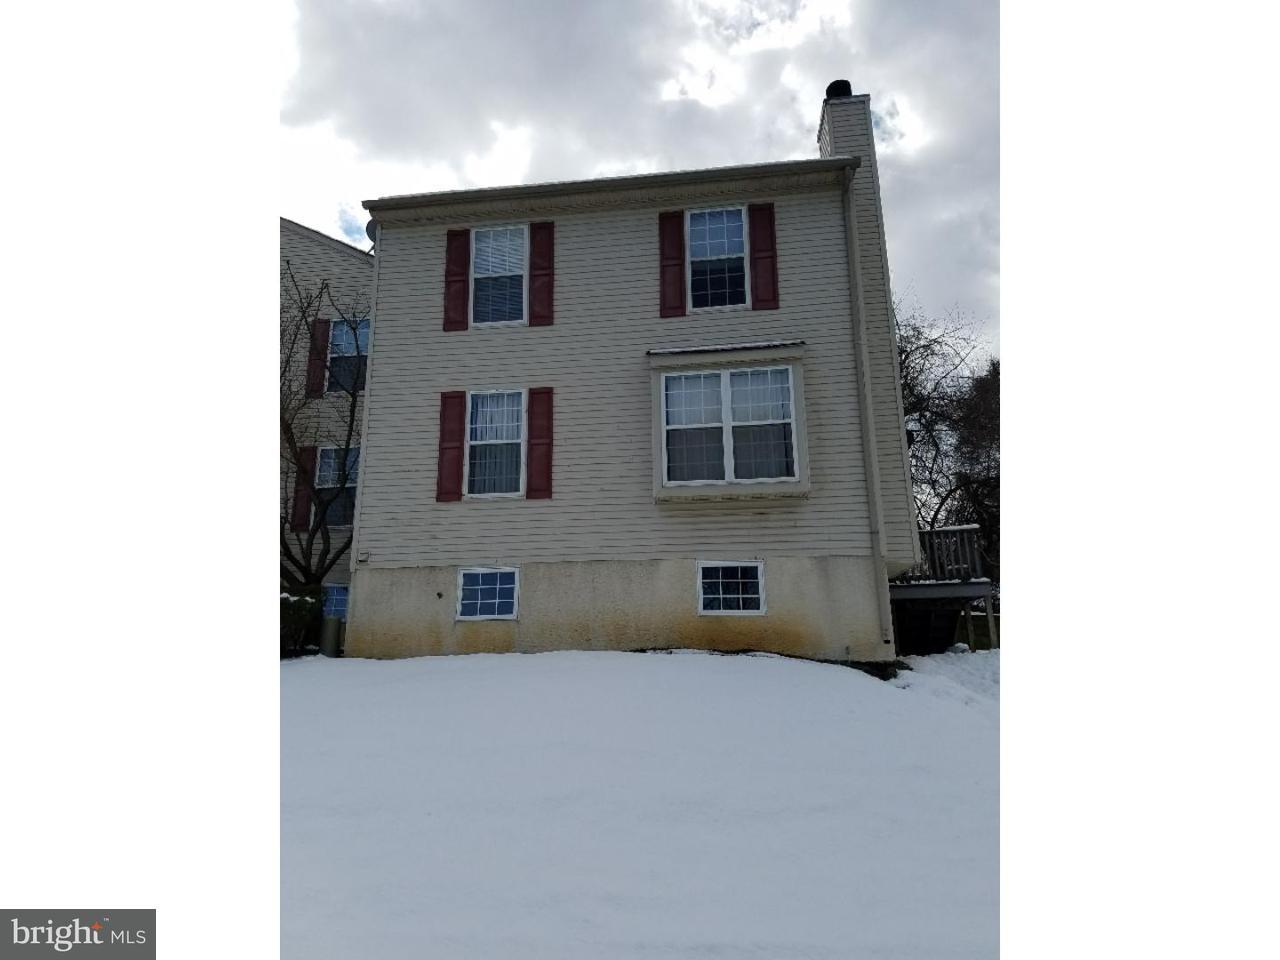 Casa unifamiliar adosada (Townhouse) por un Alquiler en 26 DUTTONVIEW Drive Aston, Pennsylvania 19014 Estados Unidos